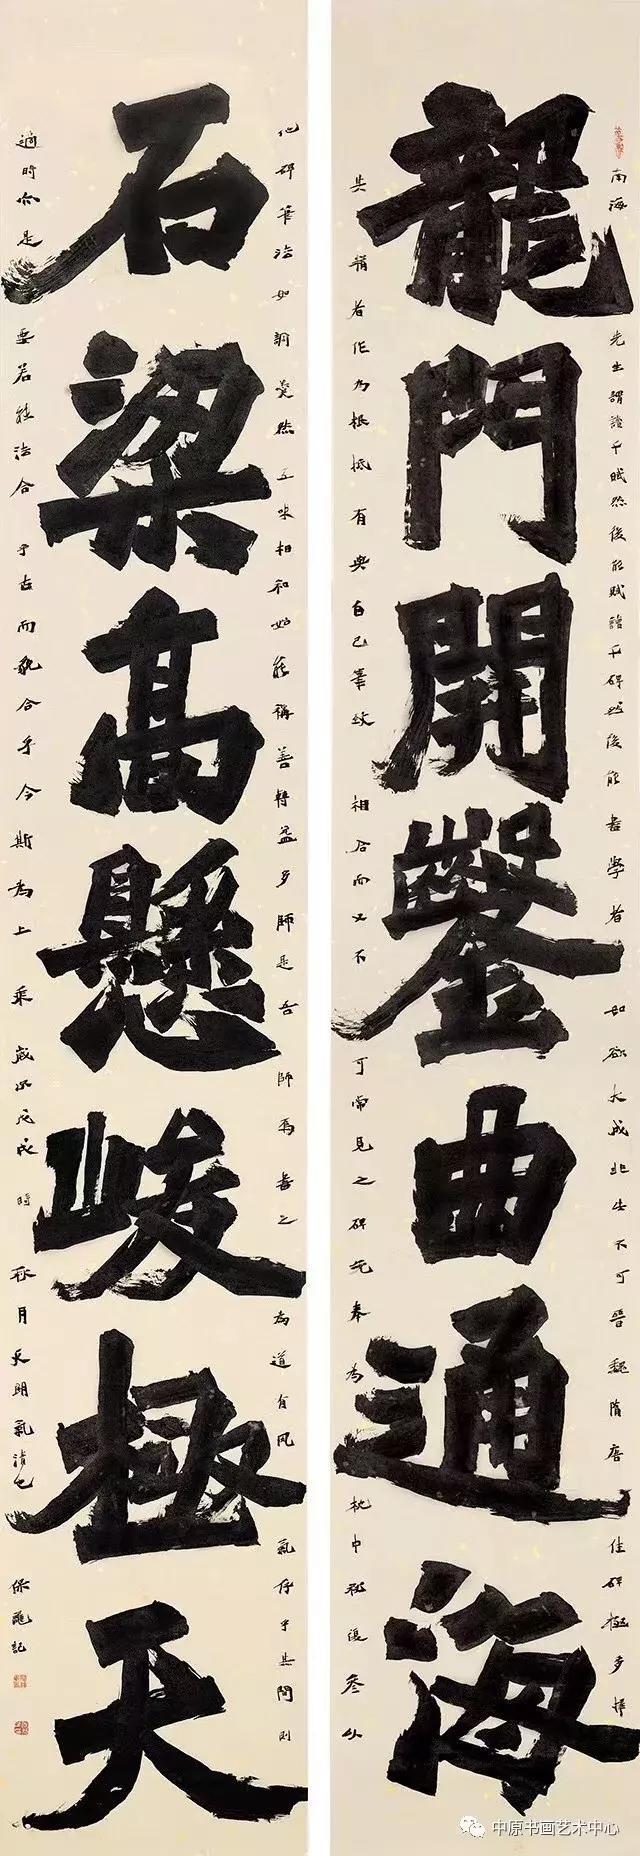 書法傳奇||全國知名書家致敬經典系列網絡展——平保龍書寫觀滄海 - 每日頭條